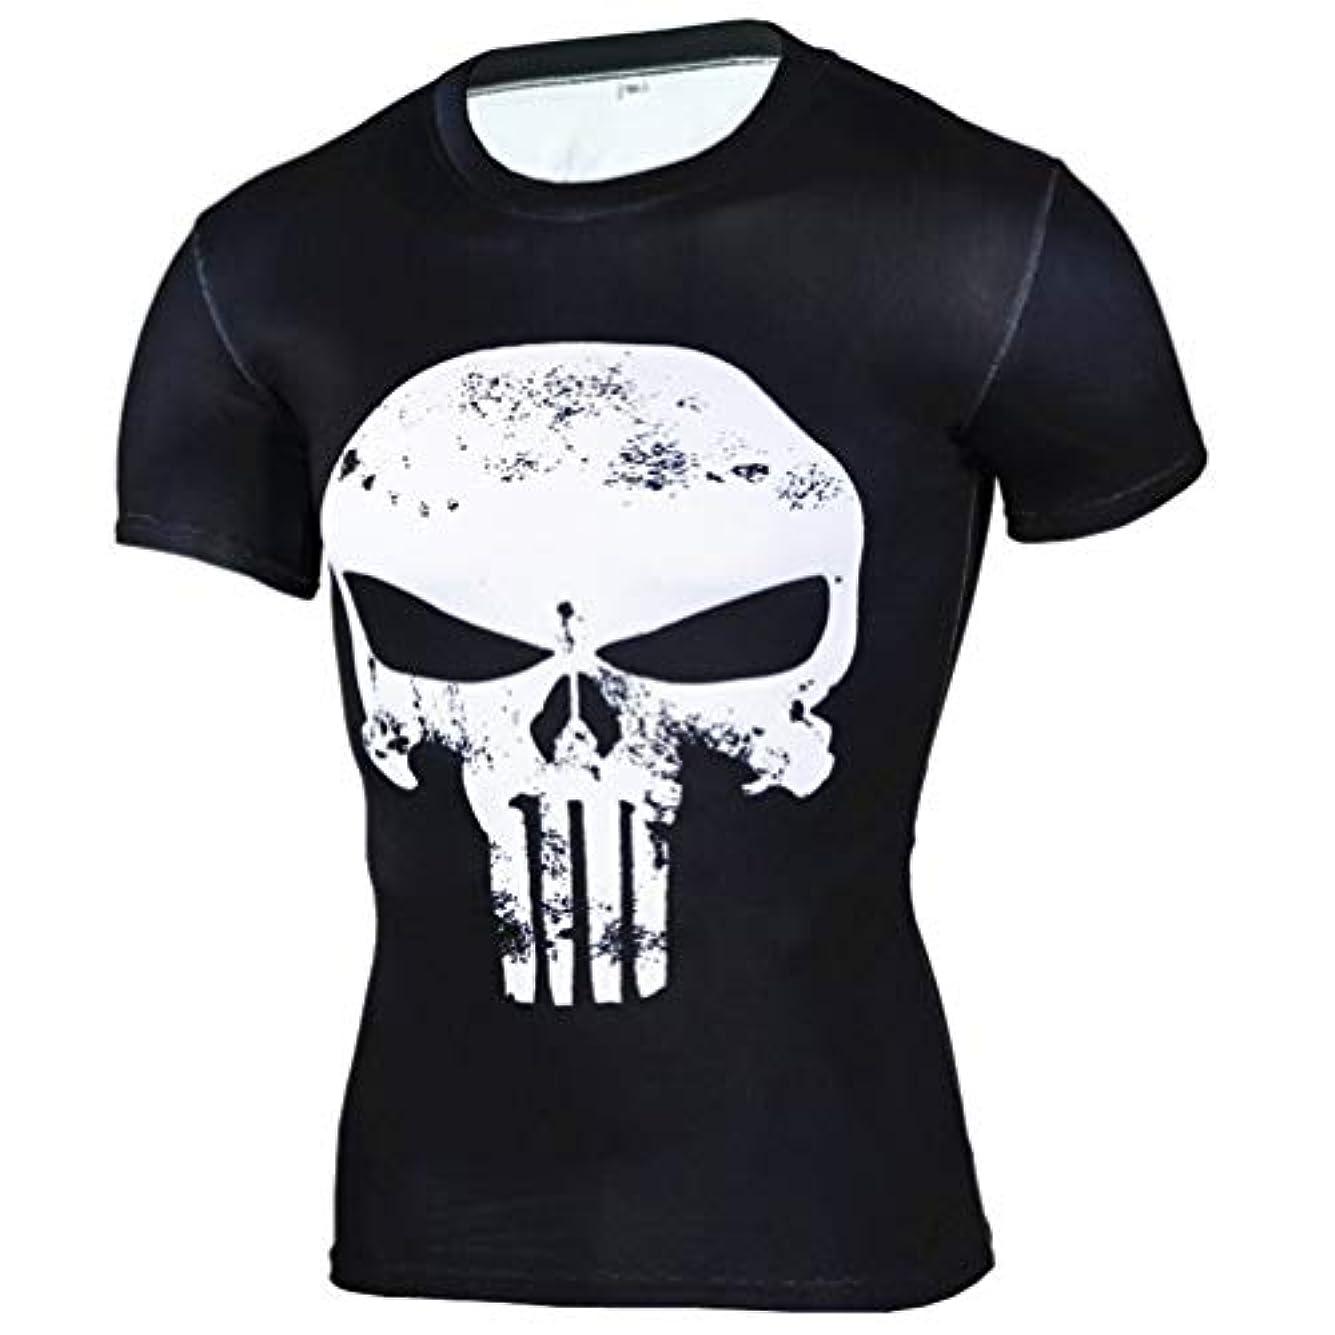 写真を撮るボウリング兄弟愛メンズ Tシャツ半袖 Punisherパニッシャー 吸汗速乾 コンプレッションウェア パワーストレッチ アンダーウェア